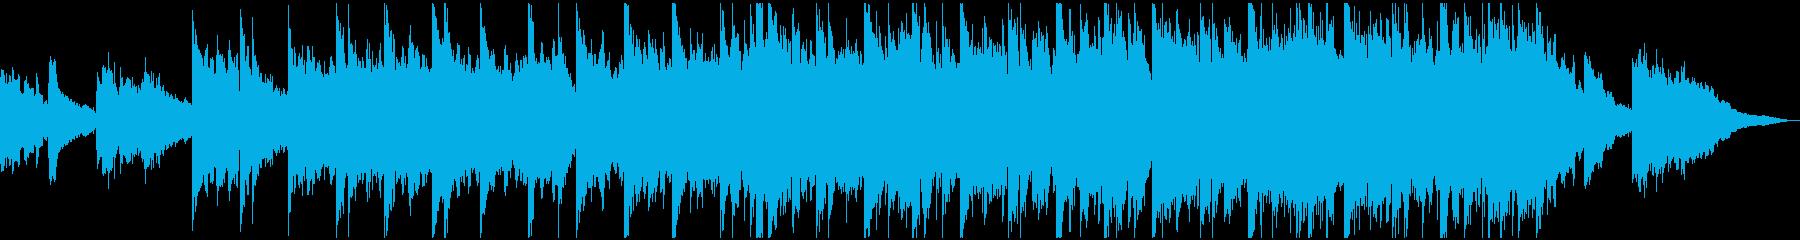 印象的なメロディーを備えたアンビエントなの再生済みの波形